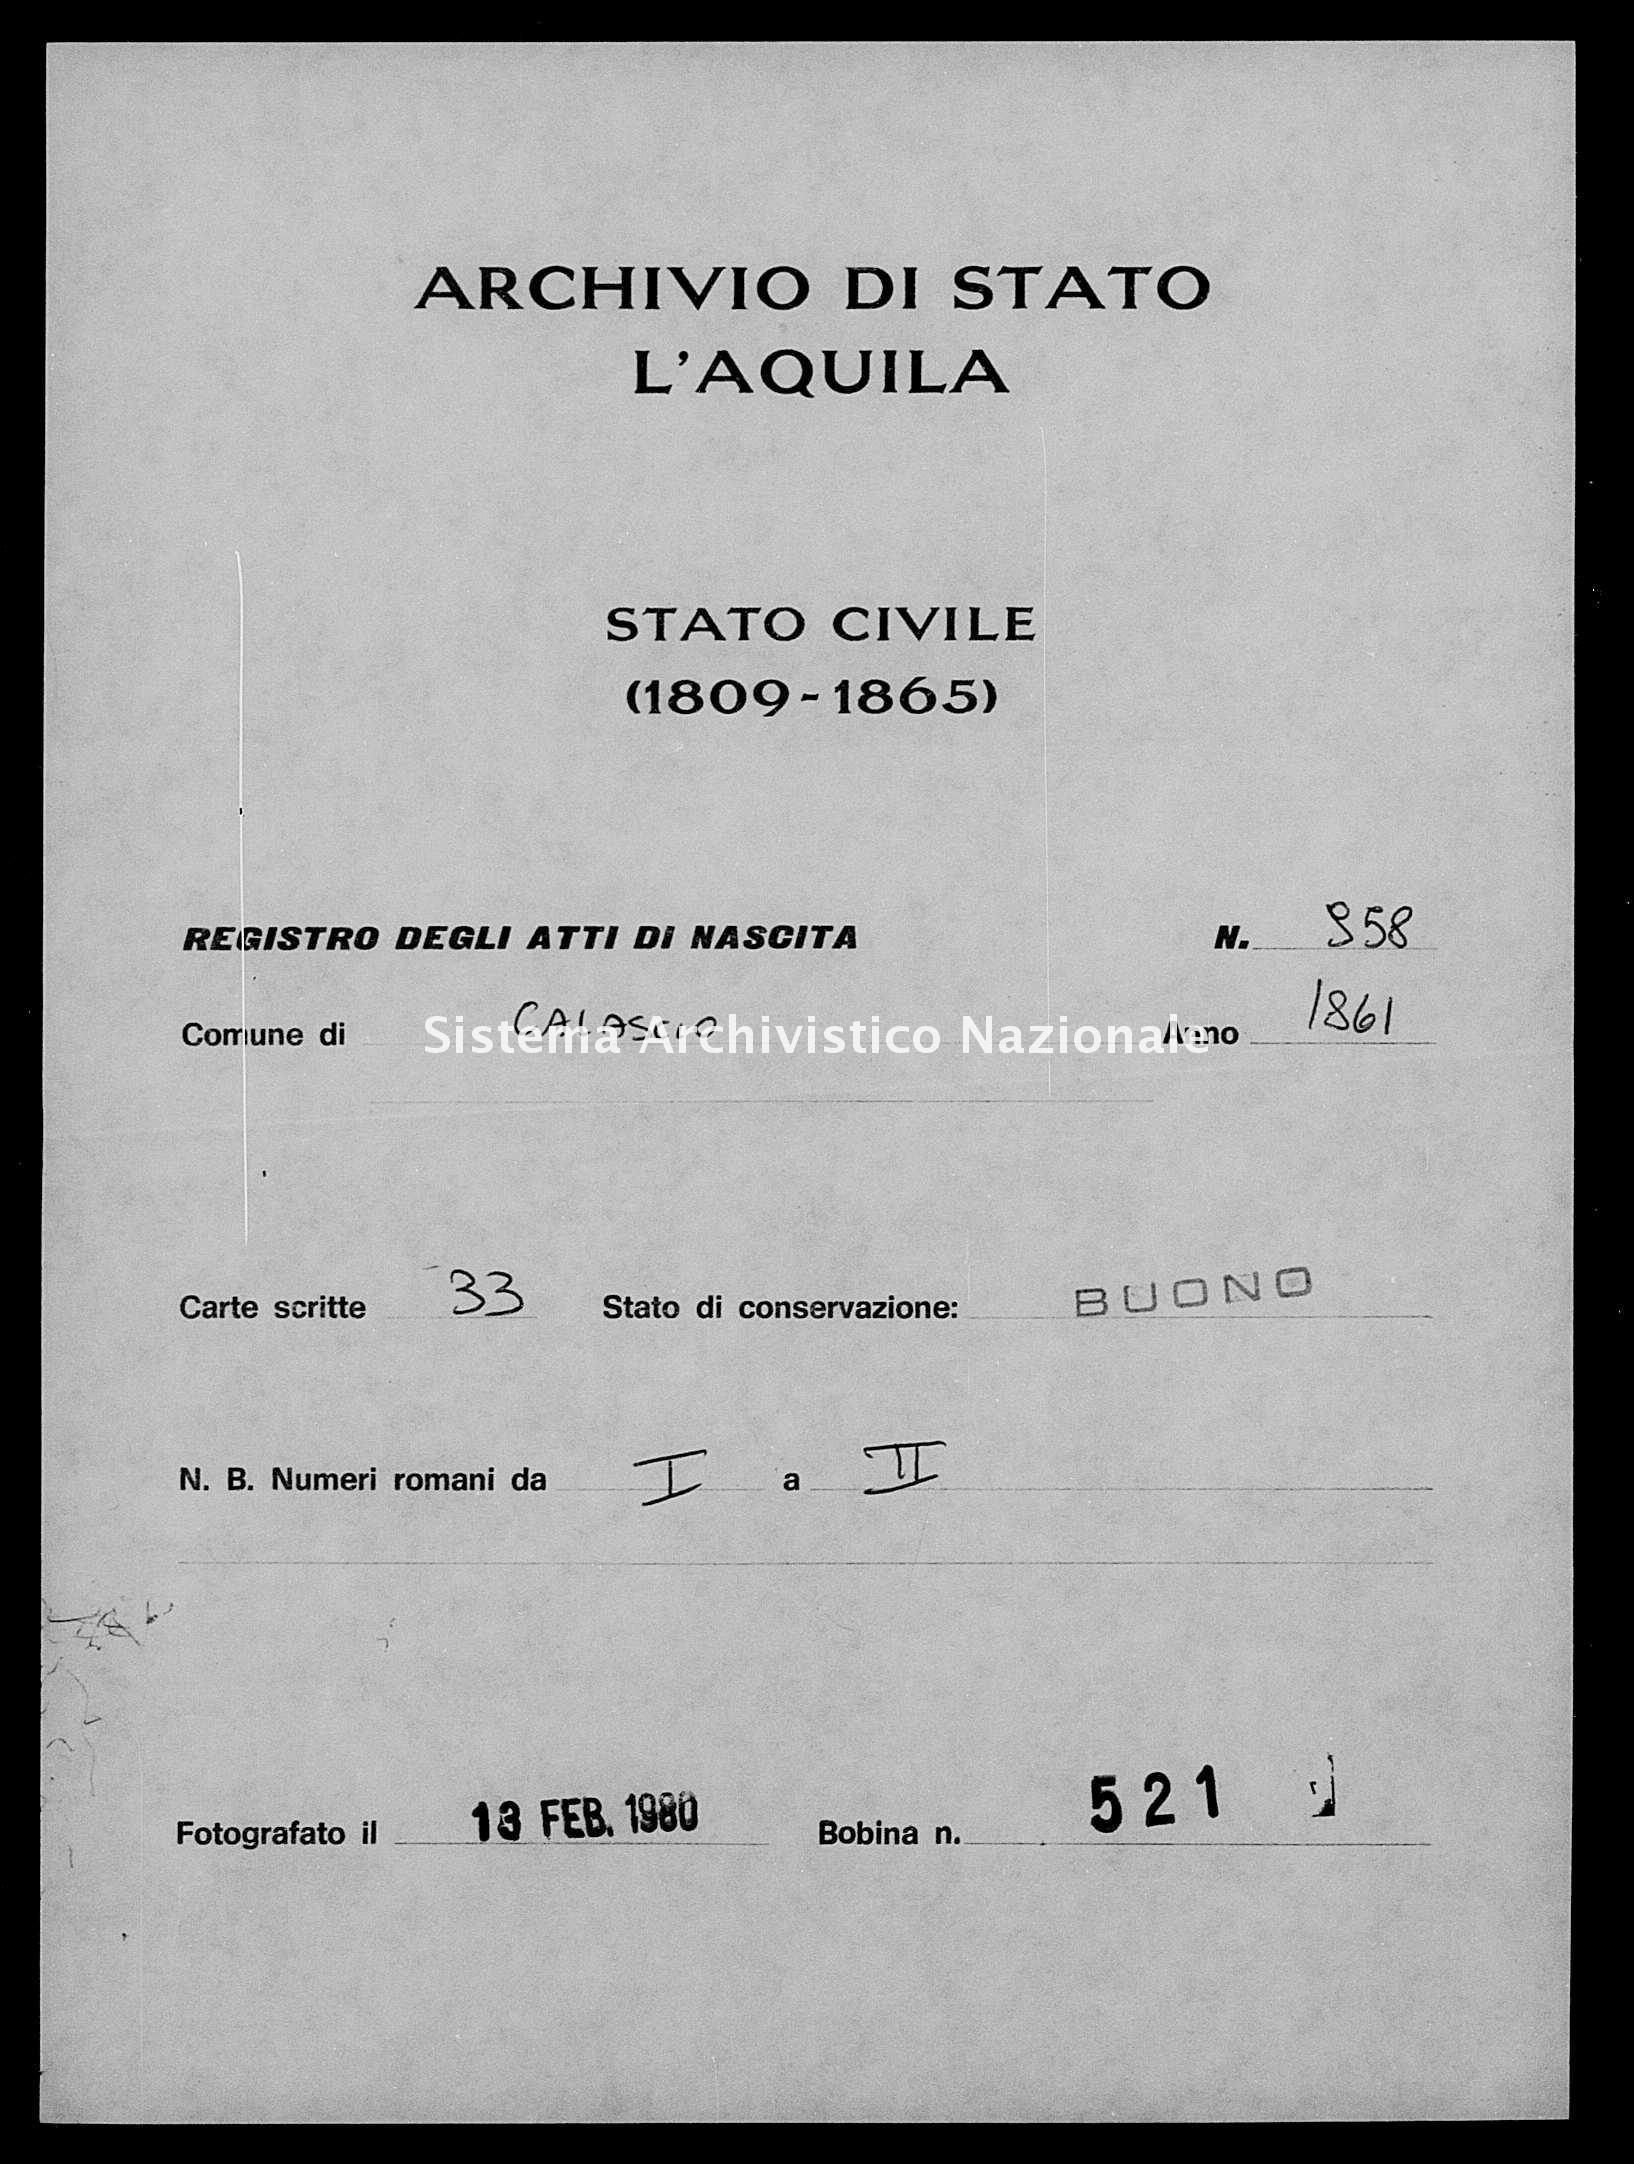 Archivio di stato di L'aquila - Stato civile italiano - Calascio - Nati - 1861 - 958 -